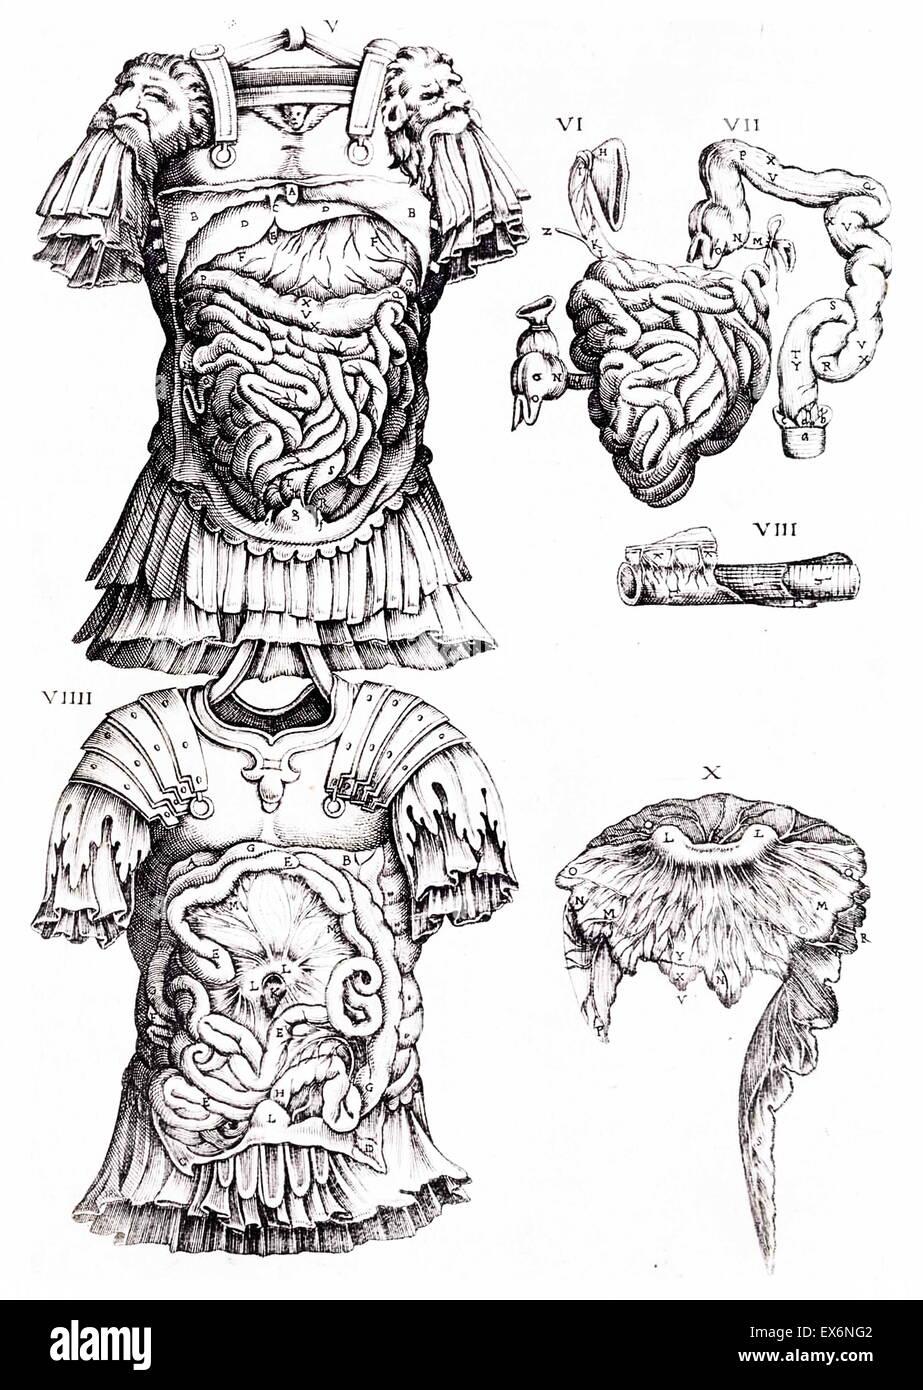 Illustrazione anatomica da 'anatomia del corpo humano' 1559 da Juan Valverde de a Amusco (1525-ca. 1588) Immagini Stock